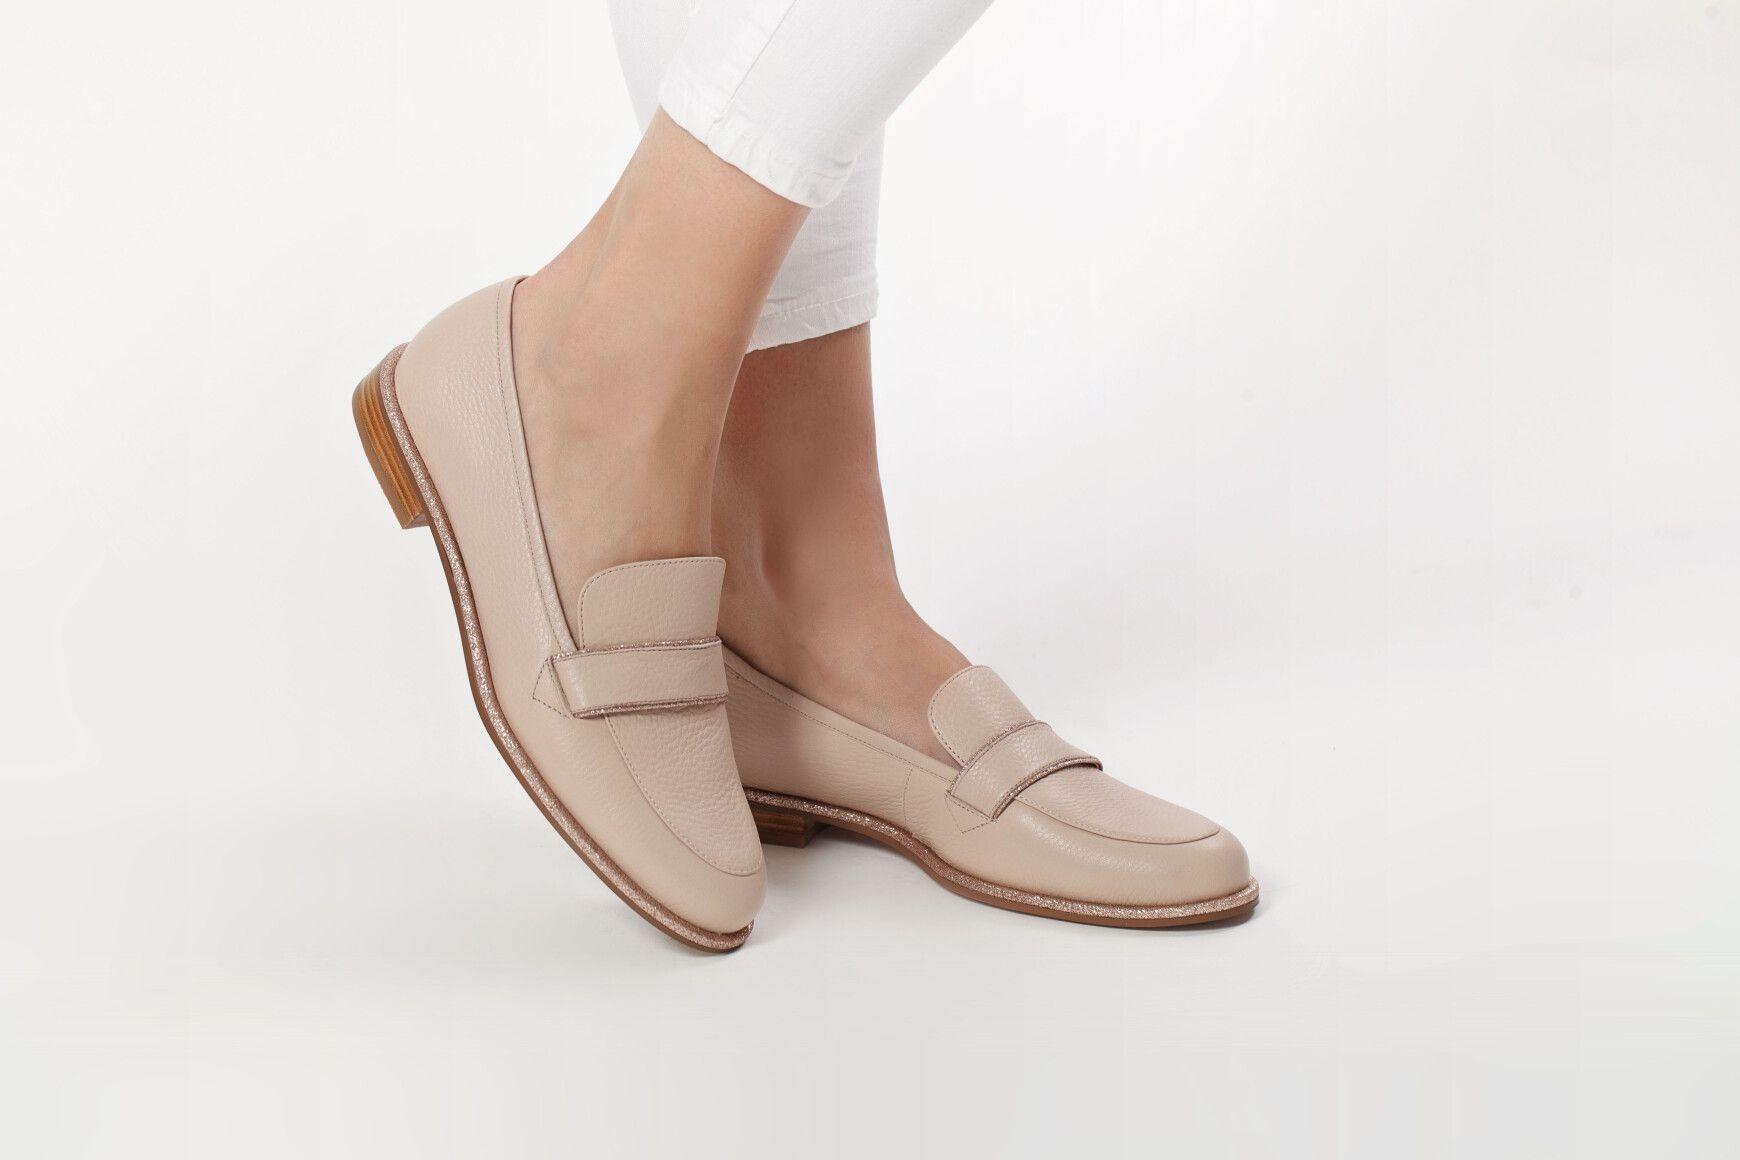 Гид по летней обуви: где найти самые стильные модели этого сезона? - фото №3